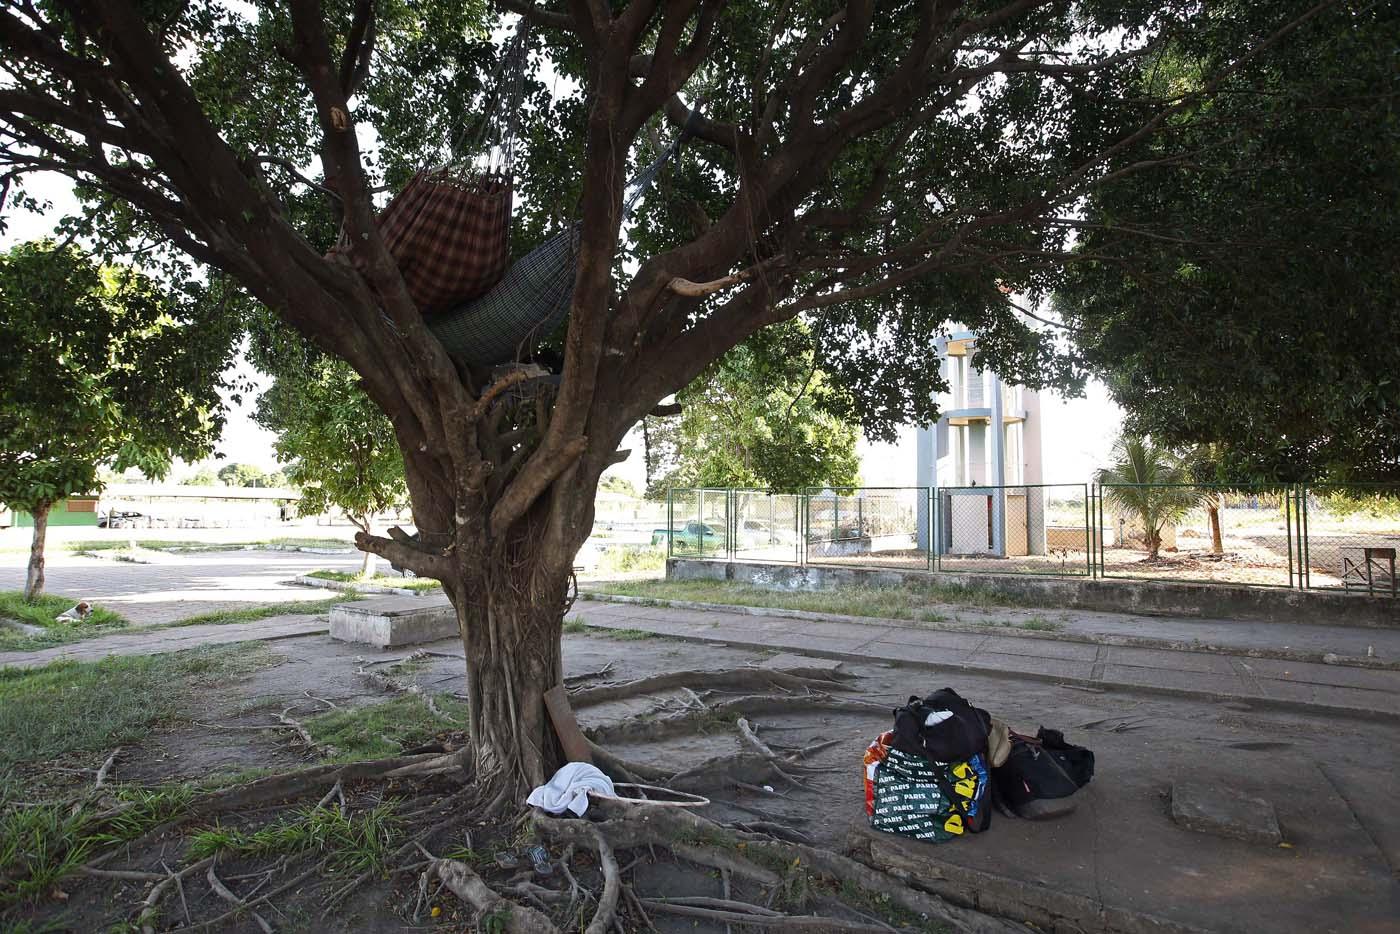 """ACOMPAÑA CRÓNICA: BRASIL VENEZUELA BRA05. BOA VISTA (BRASIL), 22/10/2016.- Fotografía de un árbol donde algunos inmigrantes venezolanos han instalado sus hamacas este jueves, 20 de octubre de 2016, frente a la terminal de autobuses de Boa Vista, estado de Roraima (Brasil). Es venezolana, tiene 20 años, quiere ser traductora y hoy, en una hamaca colgada en un árbol que ha convertido en su casa en la ciudad brasileña de Boa Vista, mece unos sueños que, según aseguró, no serán truncados por """"el fracaso de una revolución"""". """"No estoy aquí por política. Lo que me trajo aquí fue el fracaso de unas políticas"""", dijo a Efe Sairelis Ríos, quien junto a su madre Keila y una decena de venezolanos vive en plena calle, frente a la terminal de autobuses de Boa Vista, una ciudad que en los últimos meses ha recibido unos 2.500 emigrantes de ese país vecino. EFE/Marcelo Sayão"""